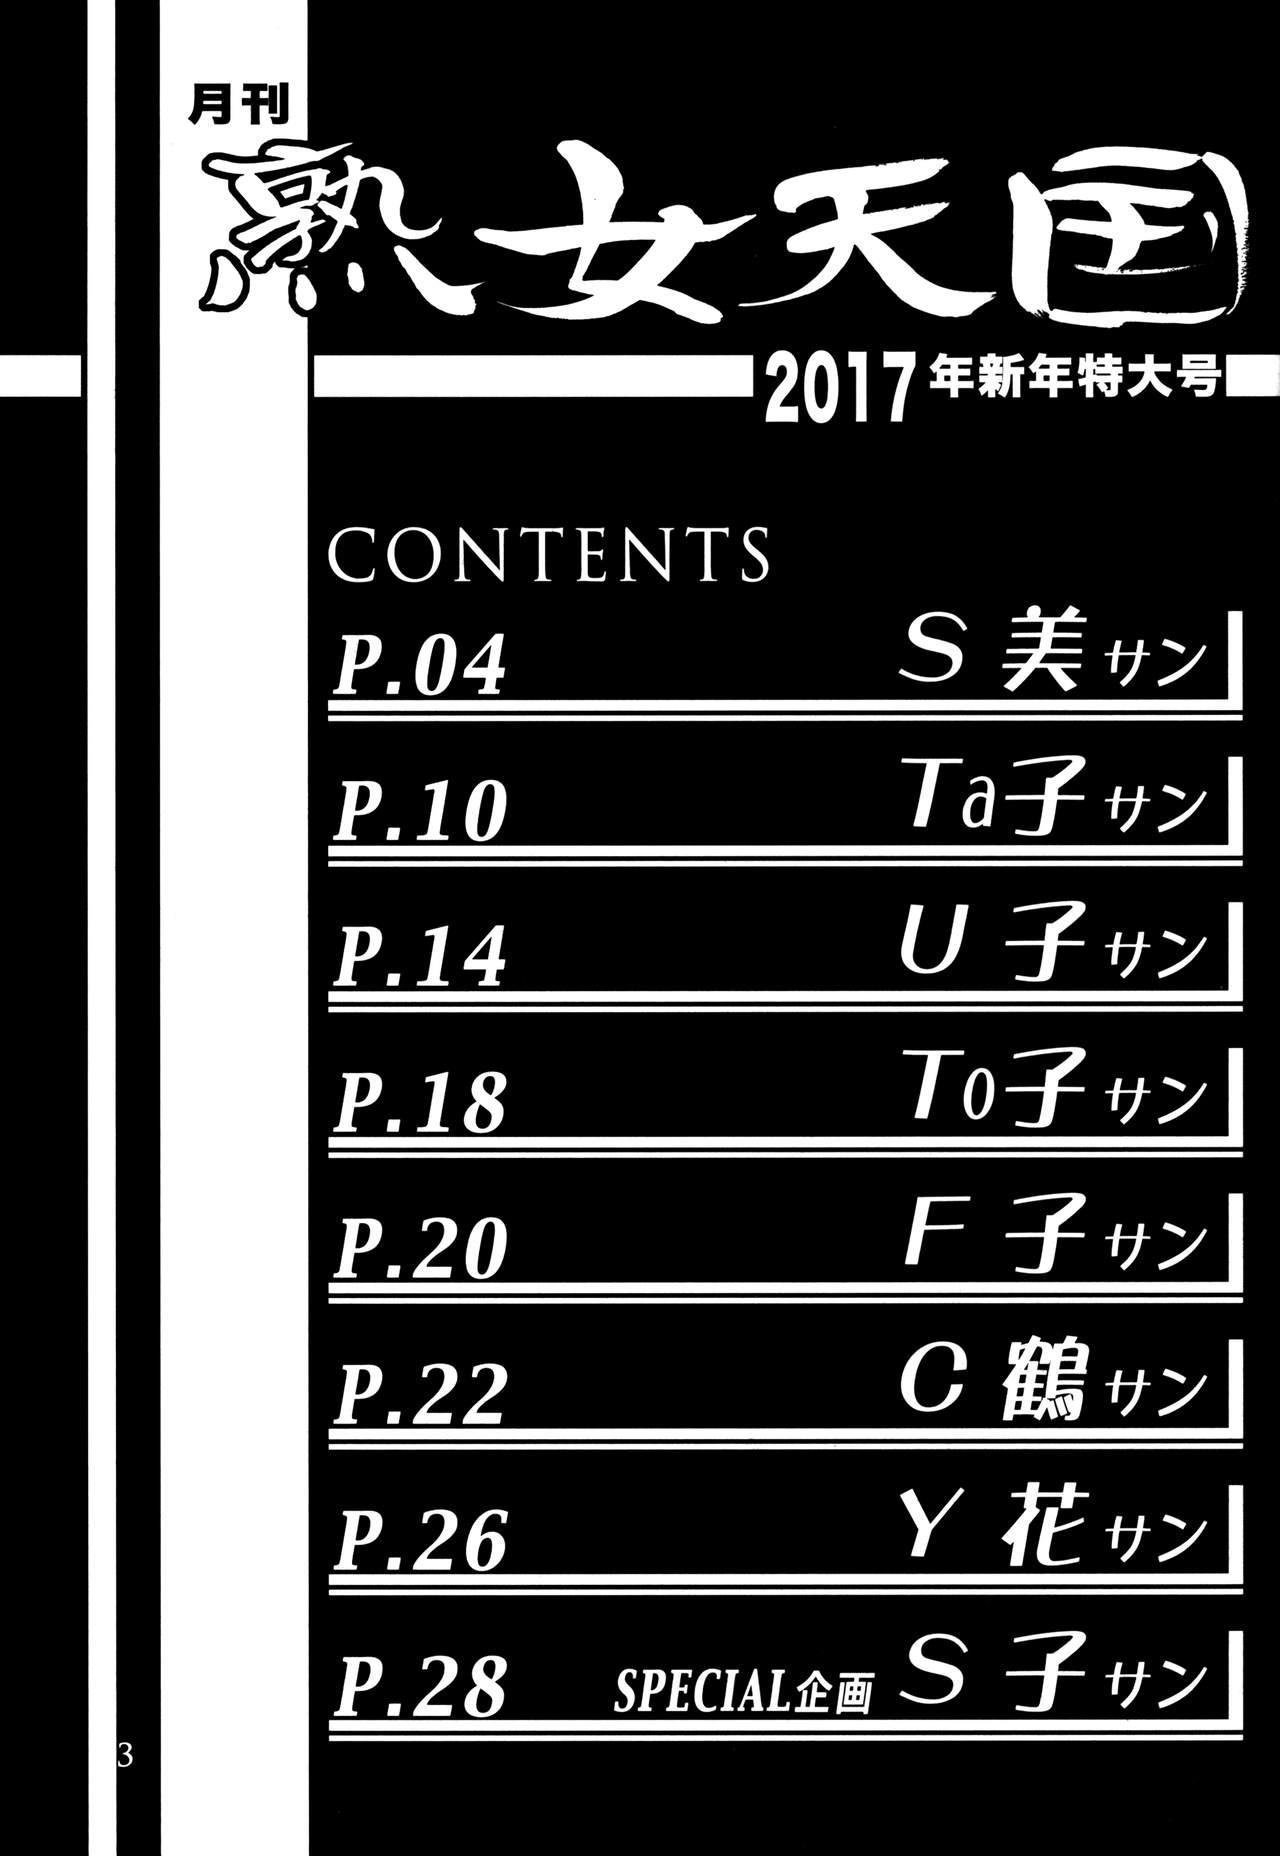 Gekkan Jukujo Tengoku 2017 Shinnen Tokudai-gou 2